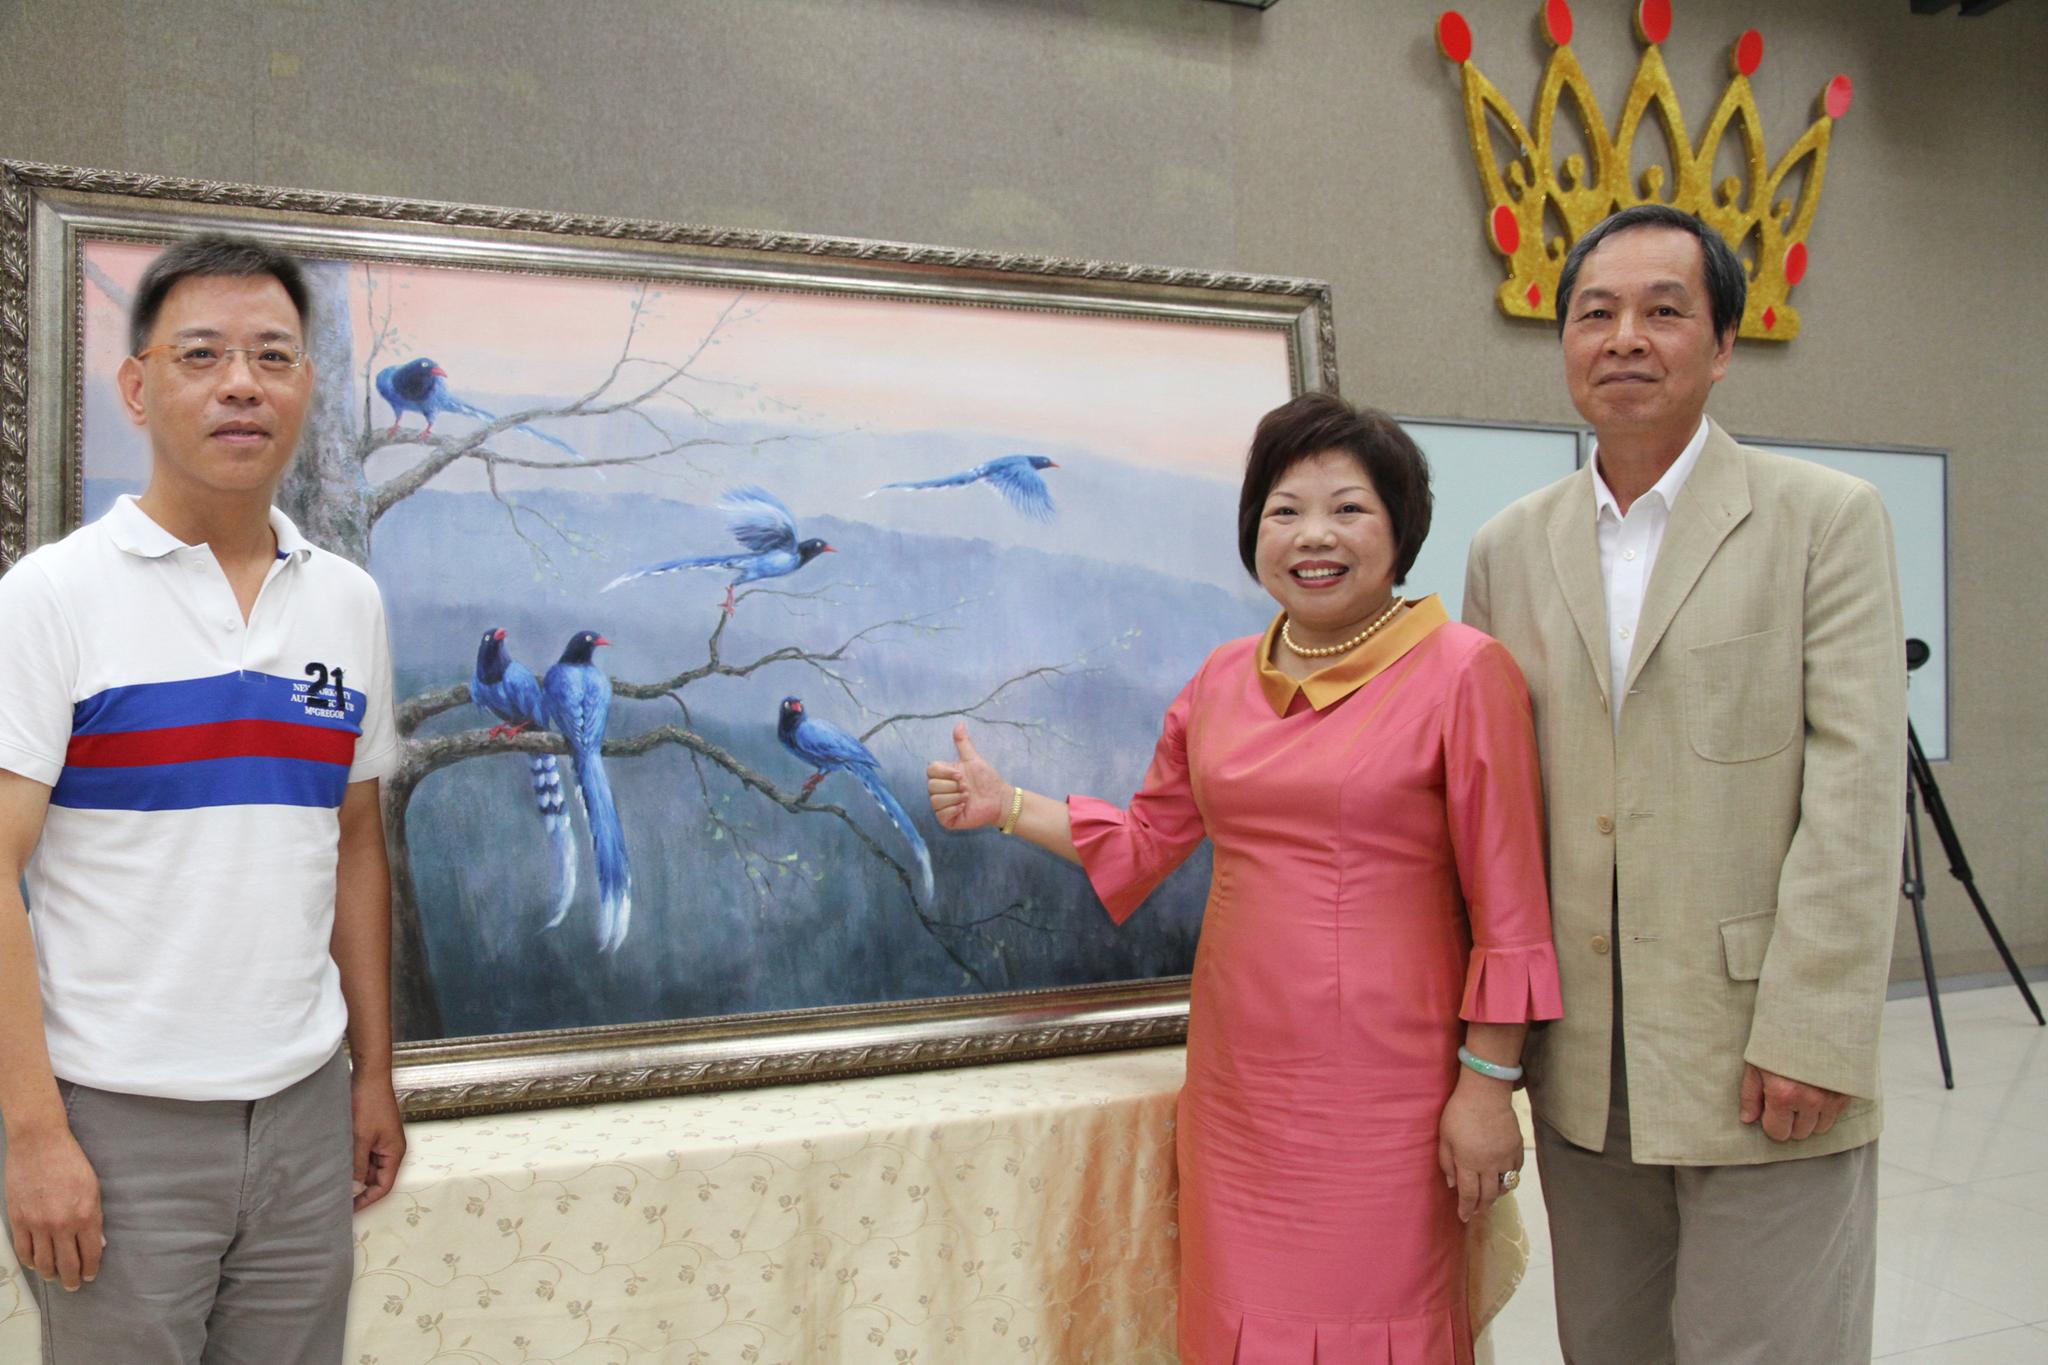 名畫家楊慶忠(右)的畫作「展翅高飛」由永達田文德副總(左)代表永達吳文永董事長出席,以25萬元 標得並捐出畫作,二拍再以25萬元由黃素英副總(右)標得。